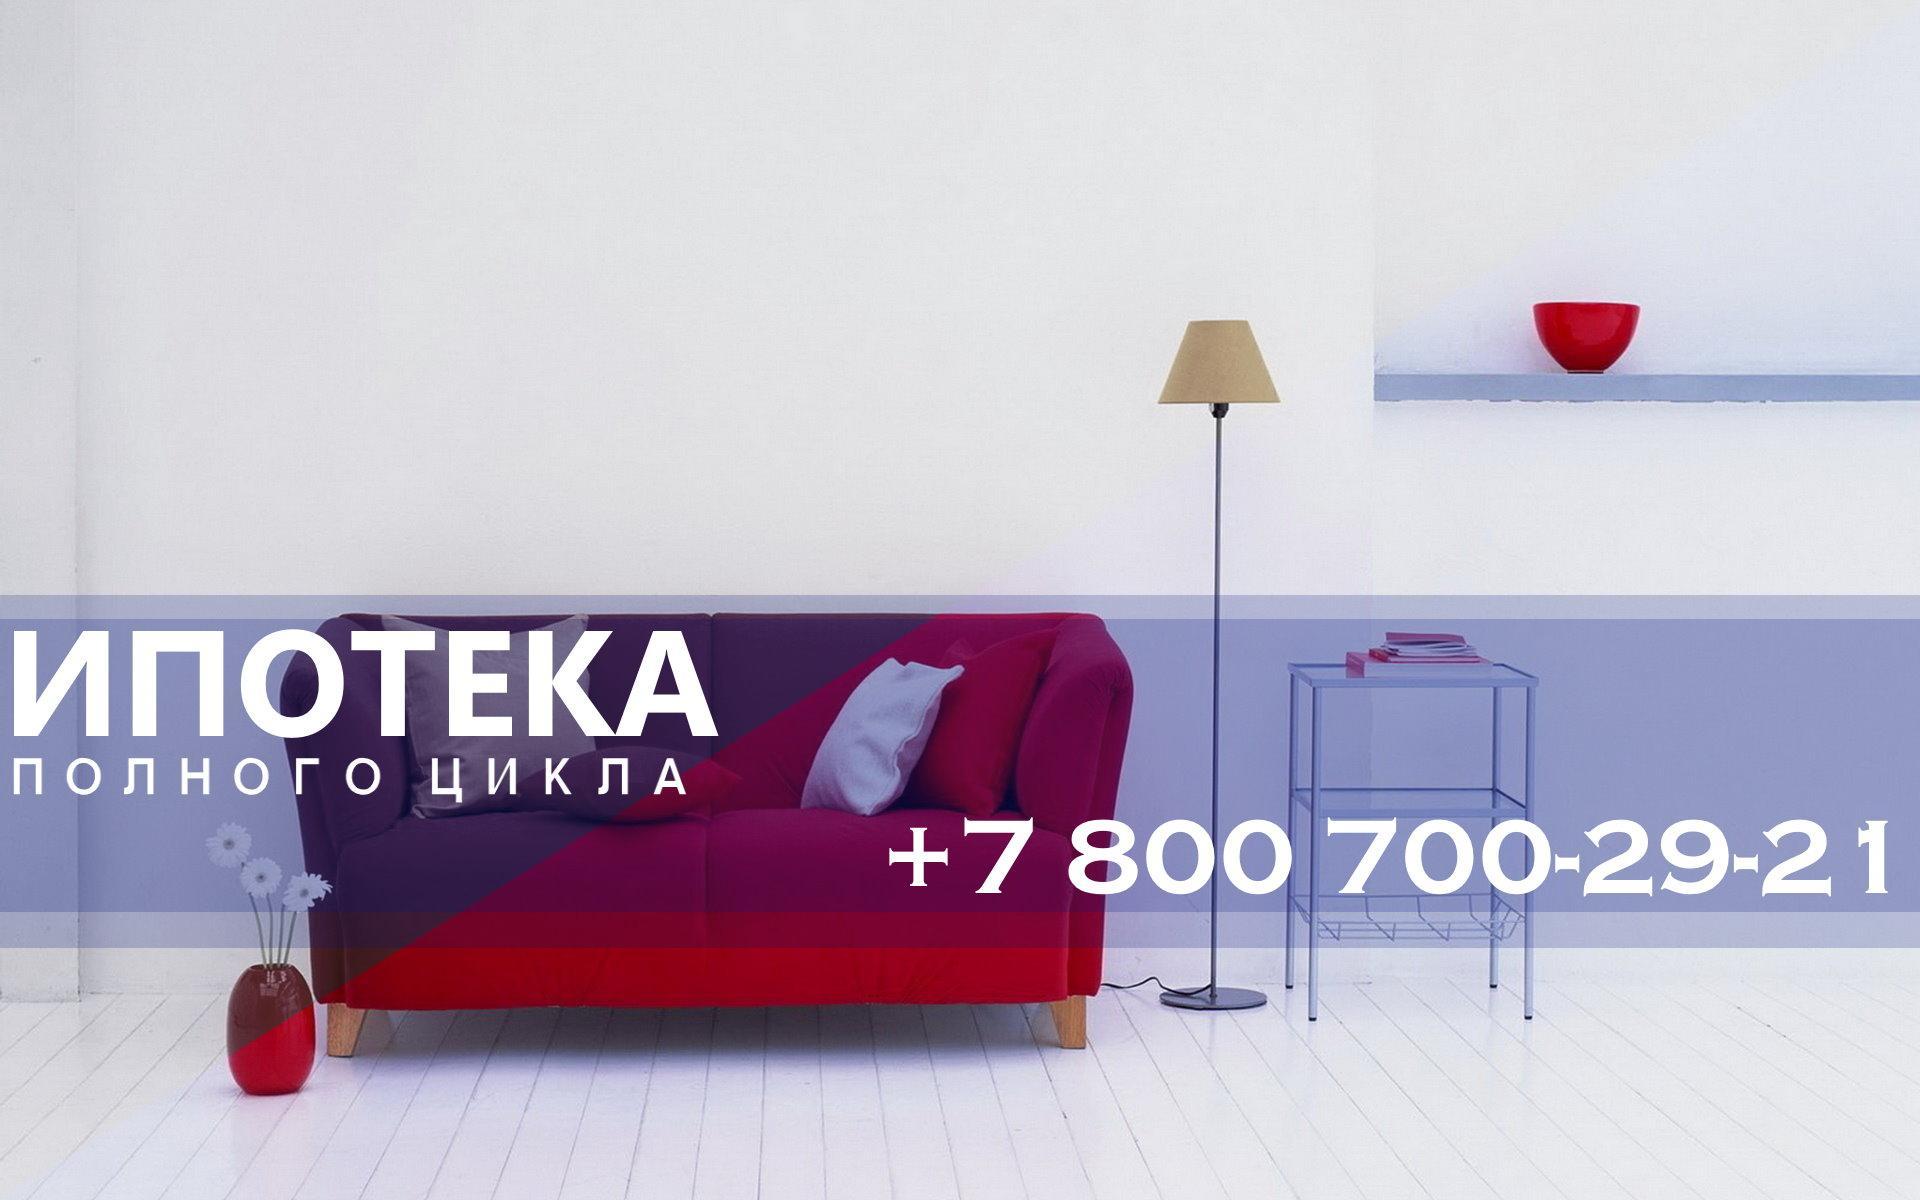 Коммерческая ипотека без первоначального взноса